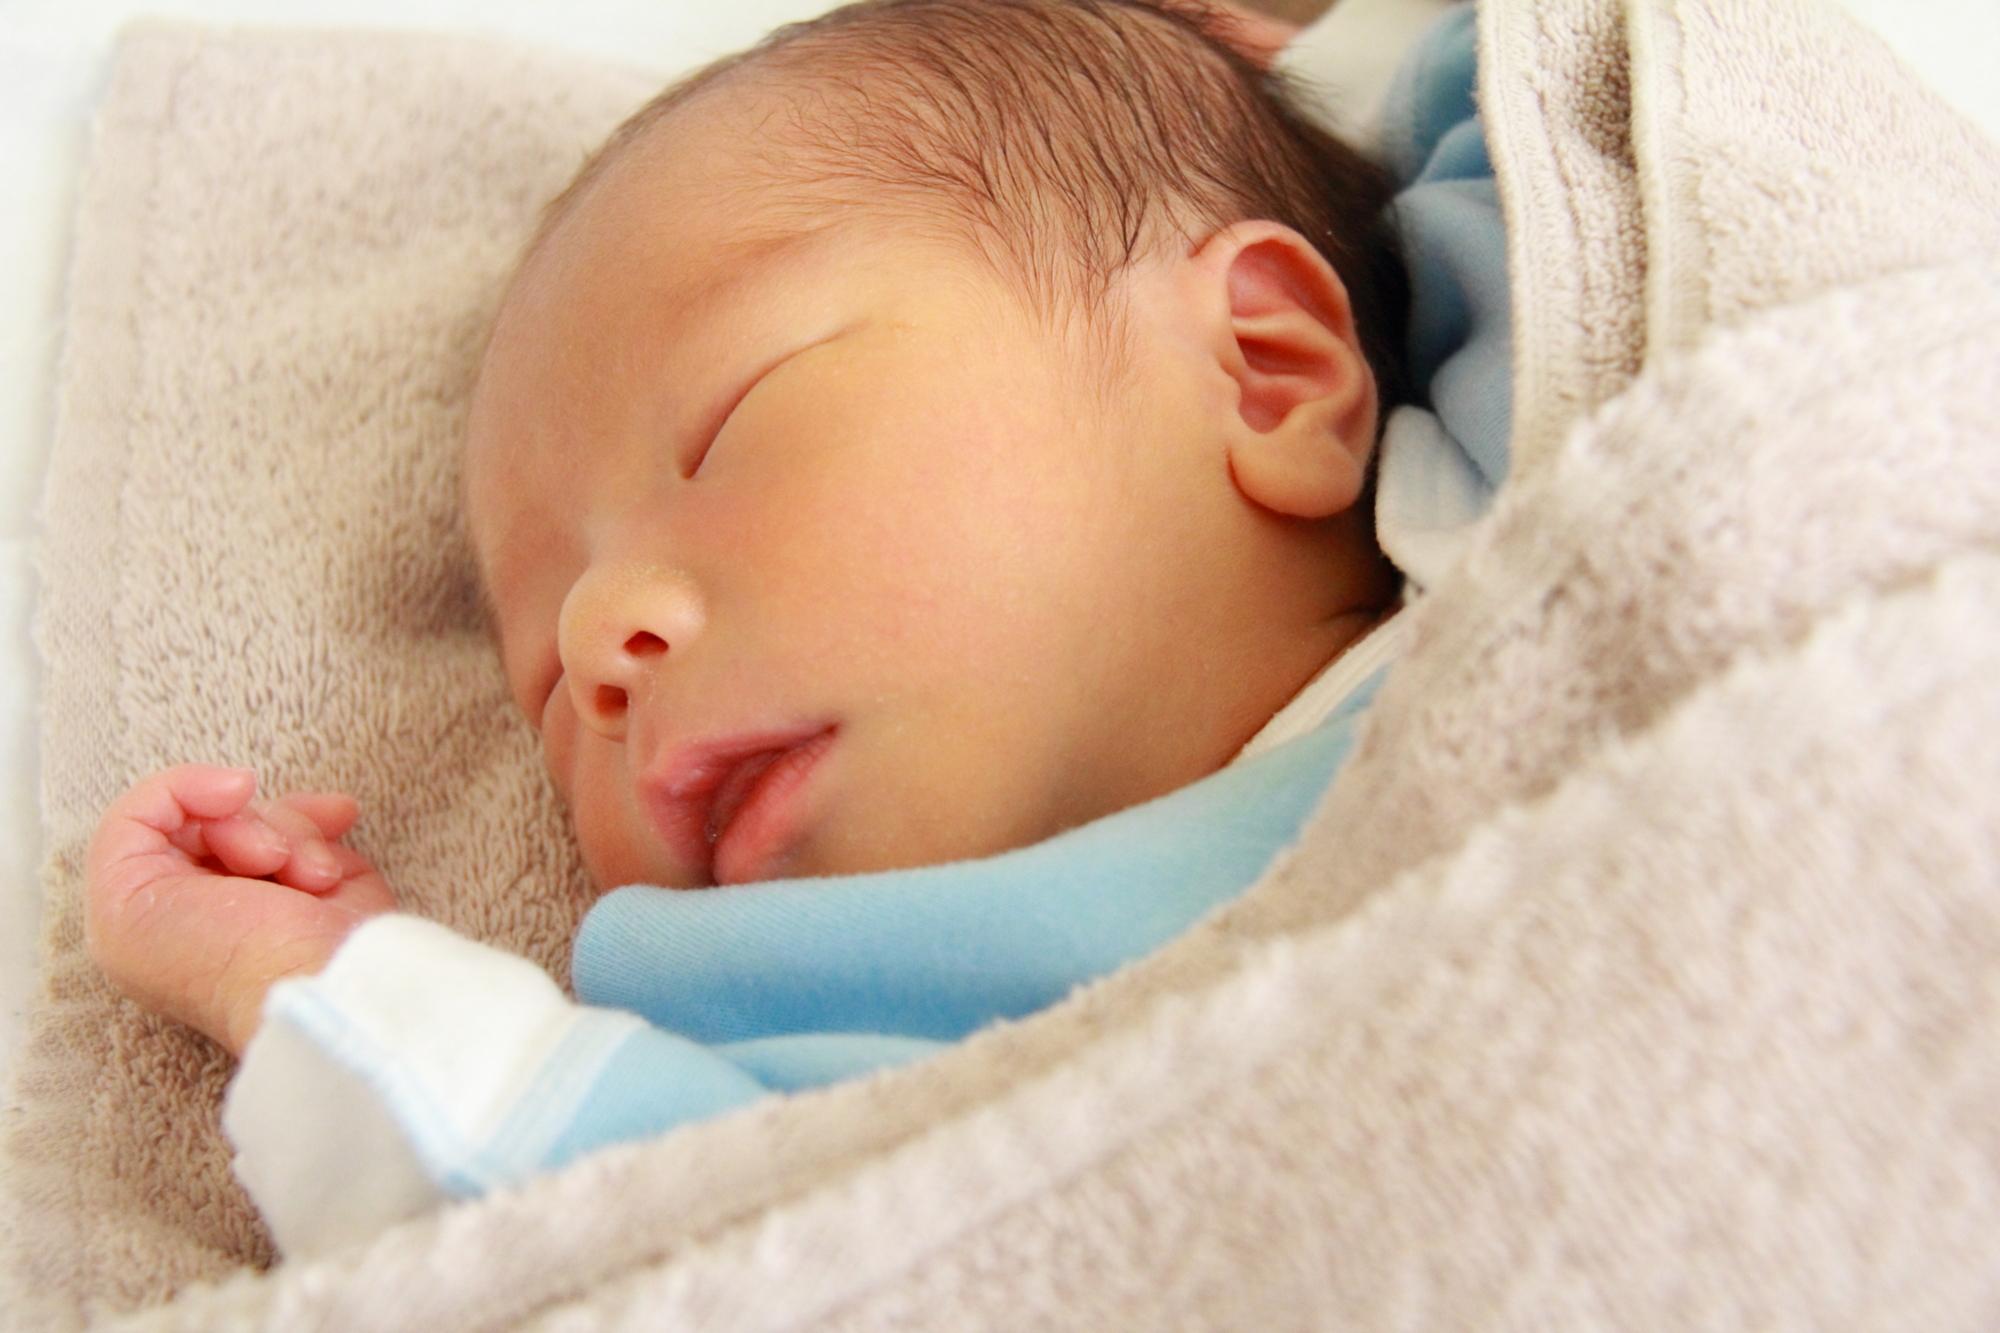 新生児 低血糖